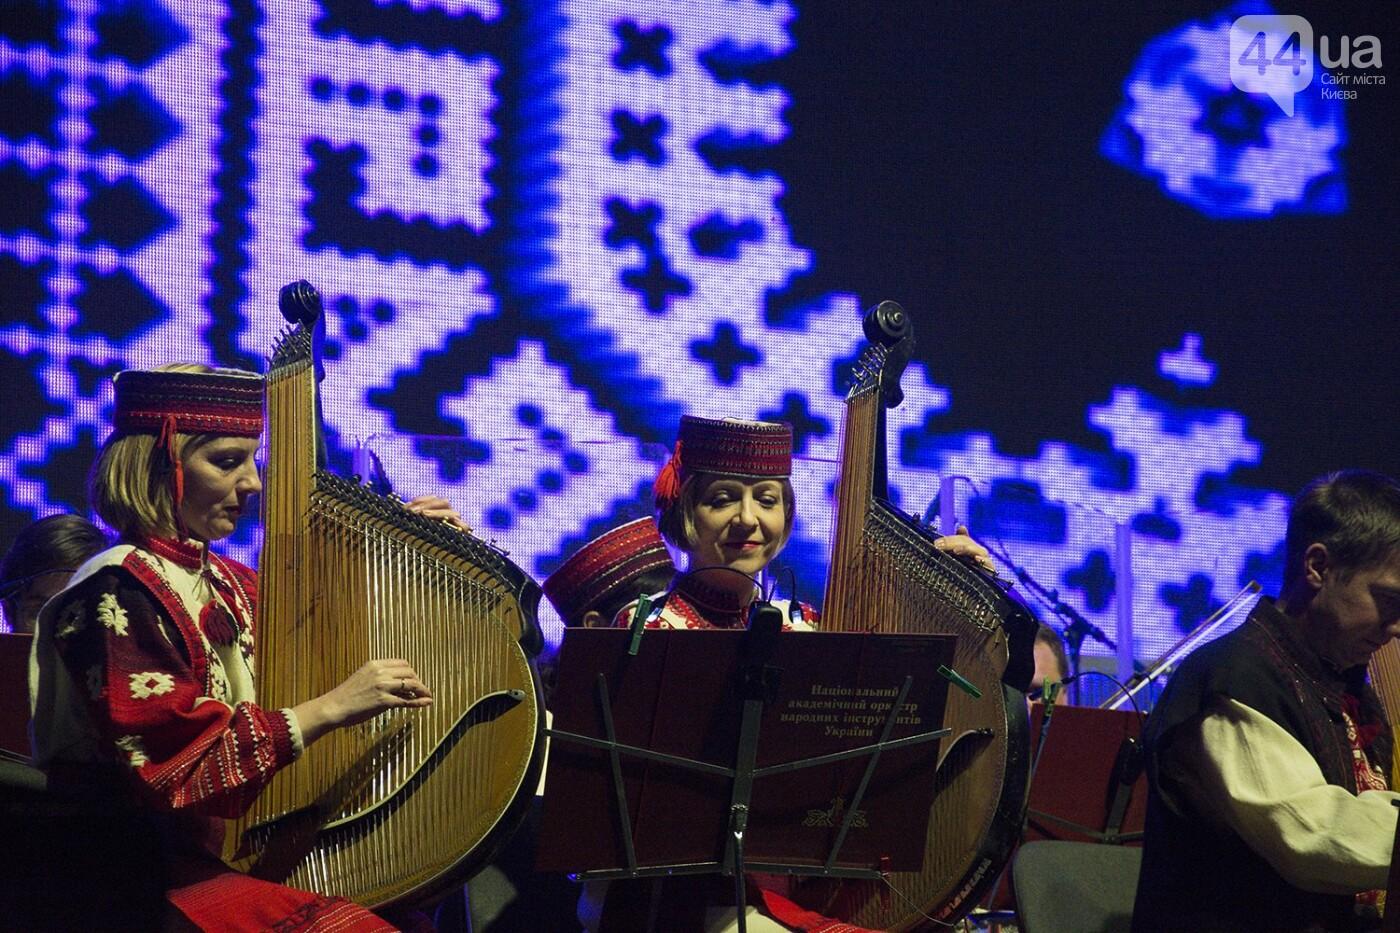 ONUKA и оркестр НАОНИ: в центре Киева сыграли техногенную симфонию, фото-8